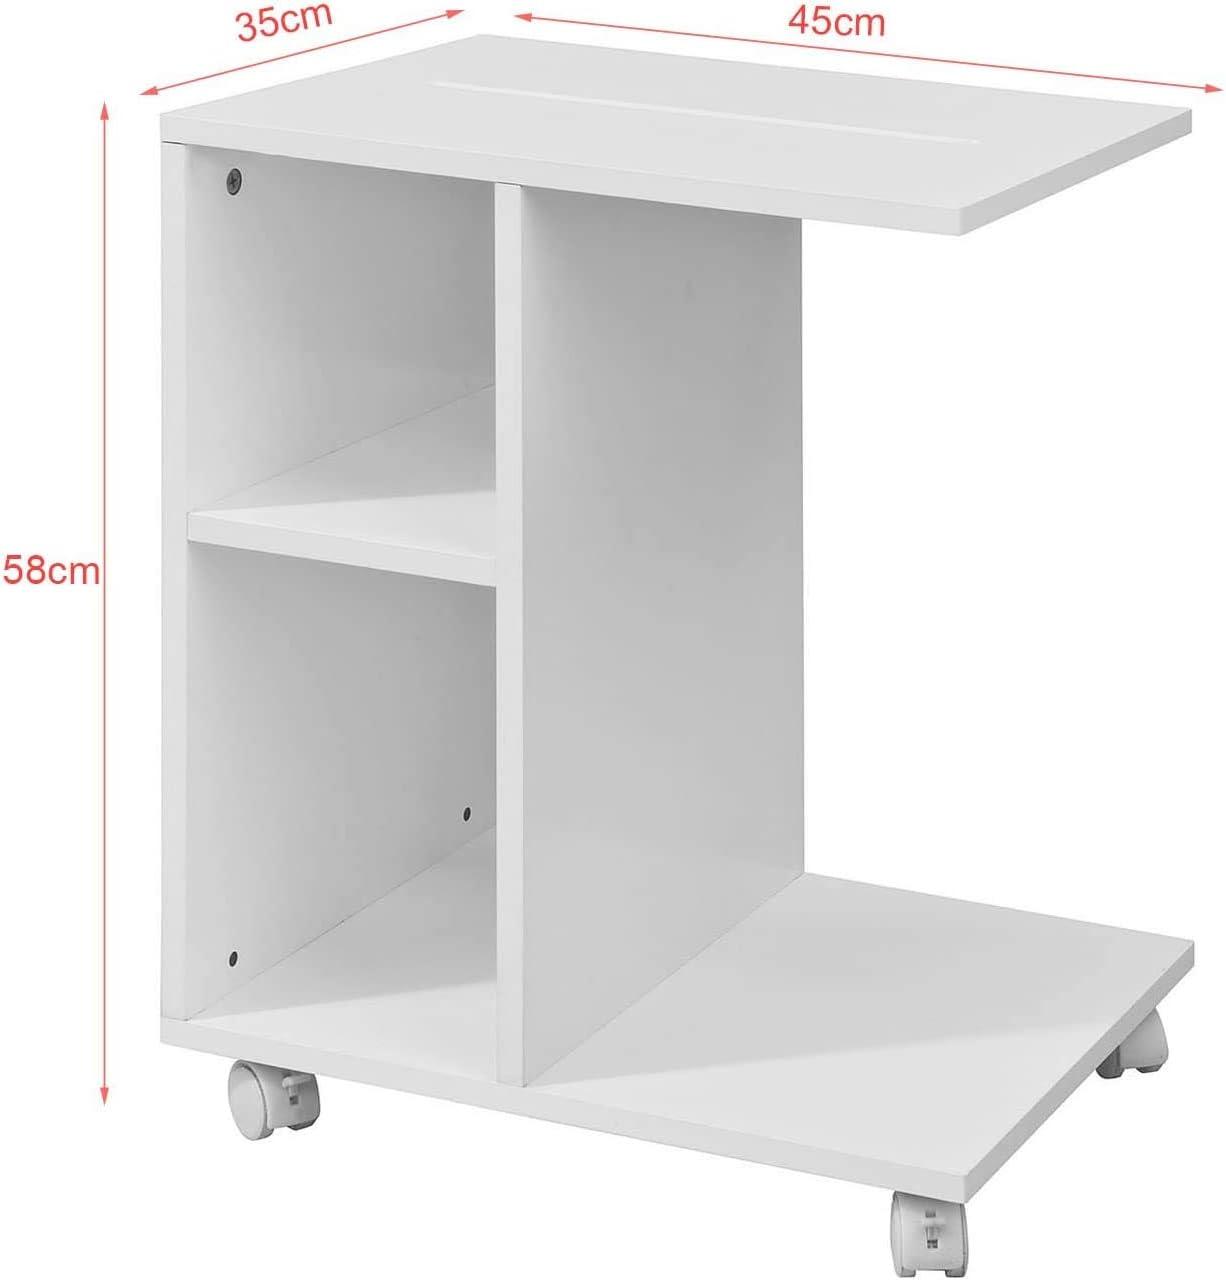 Porte-revues Table Basse Table /à roulettes Blanc BHT Environ 45x58x35cm Table dappoint avec Fente pour iPad